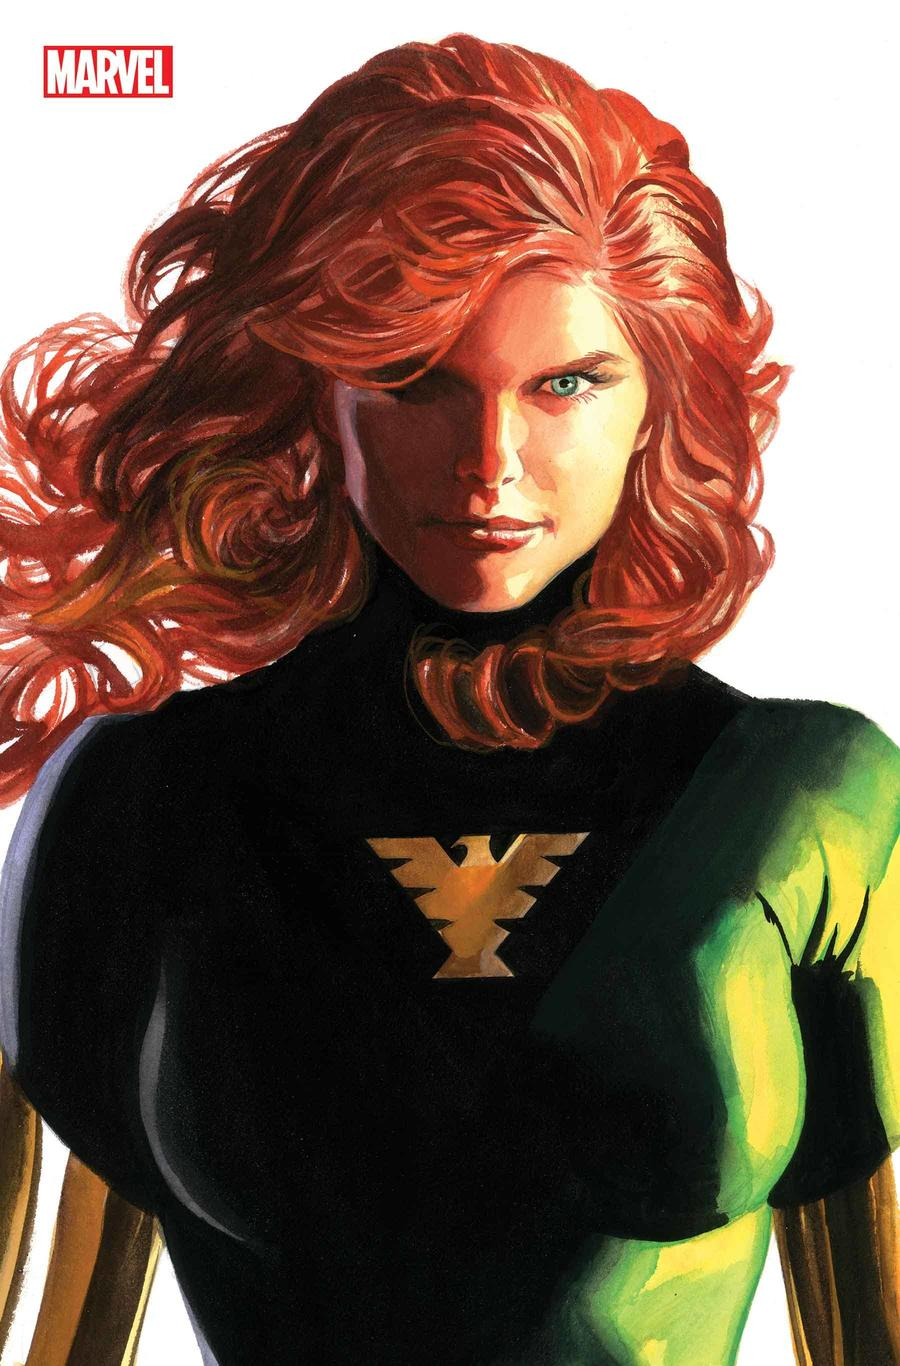 Marvel Alex Ross